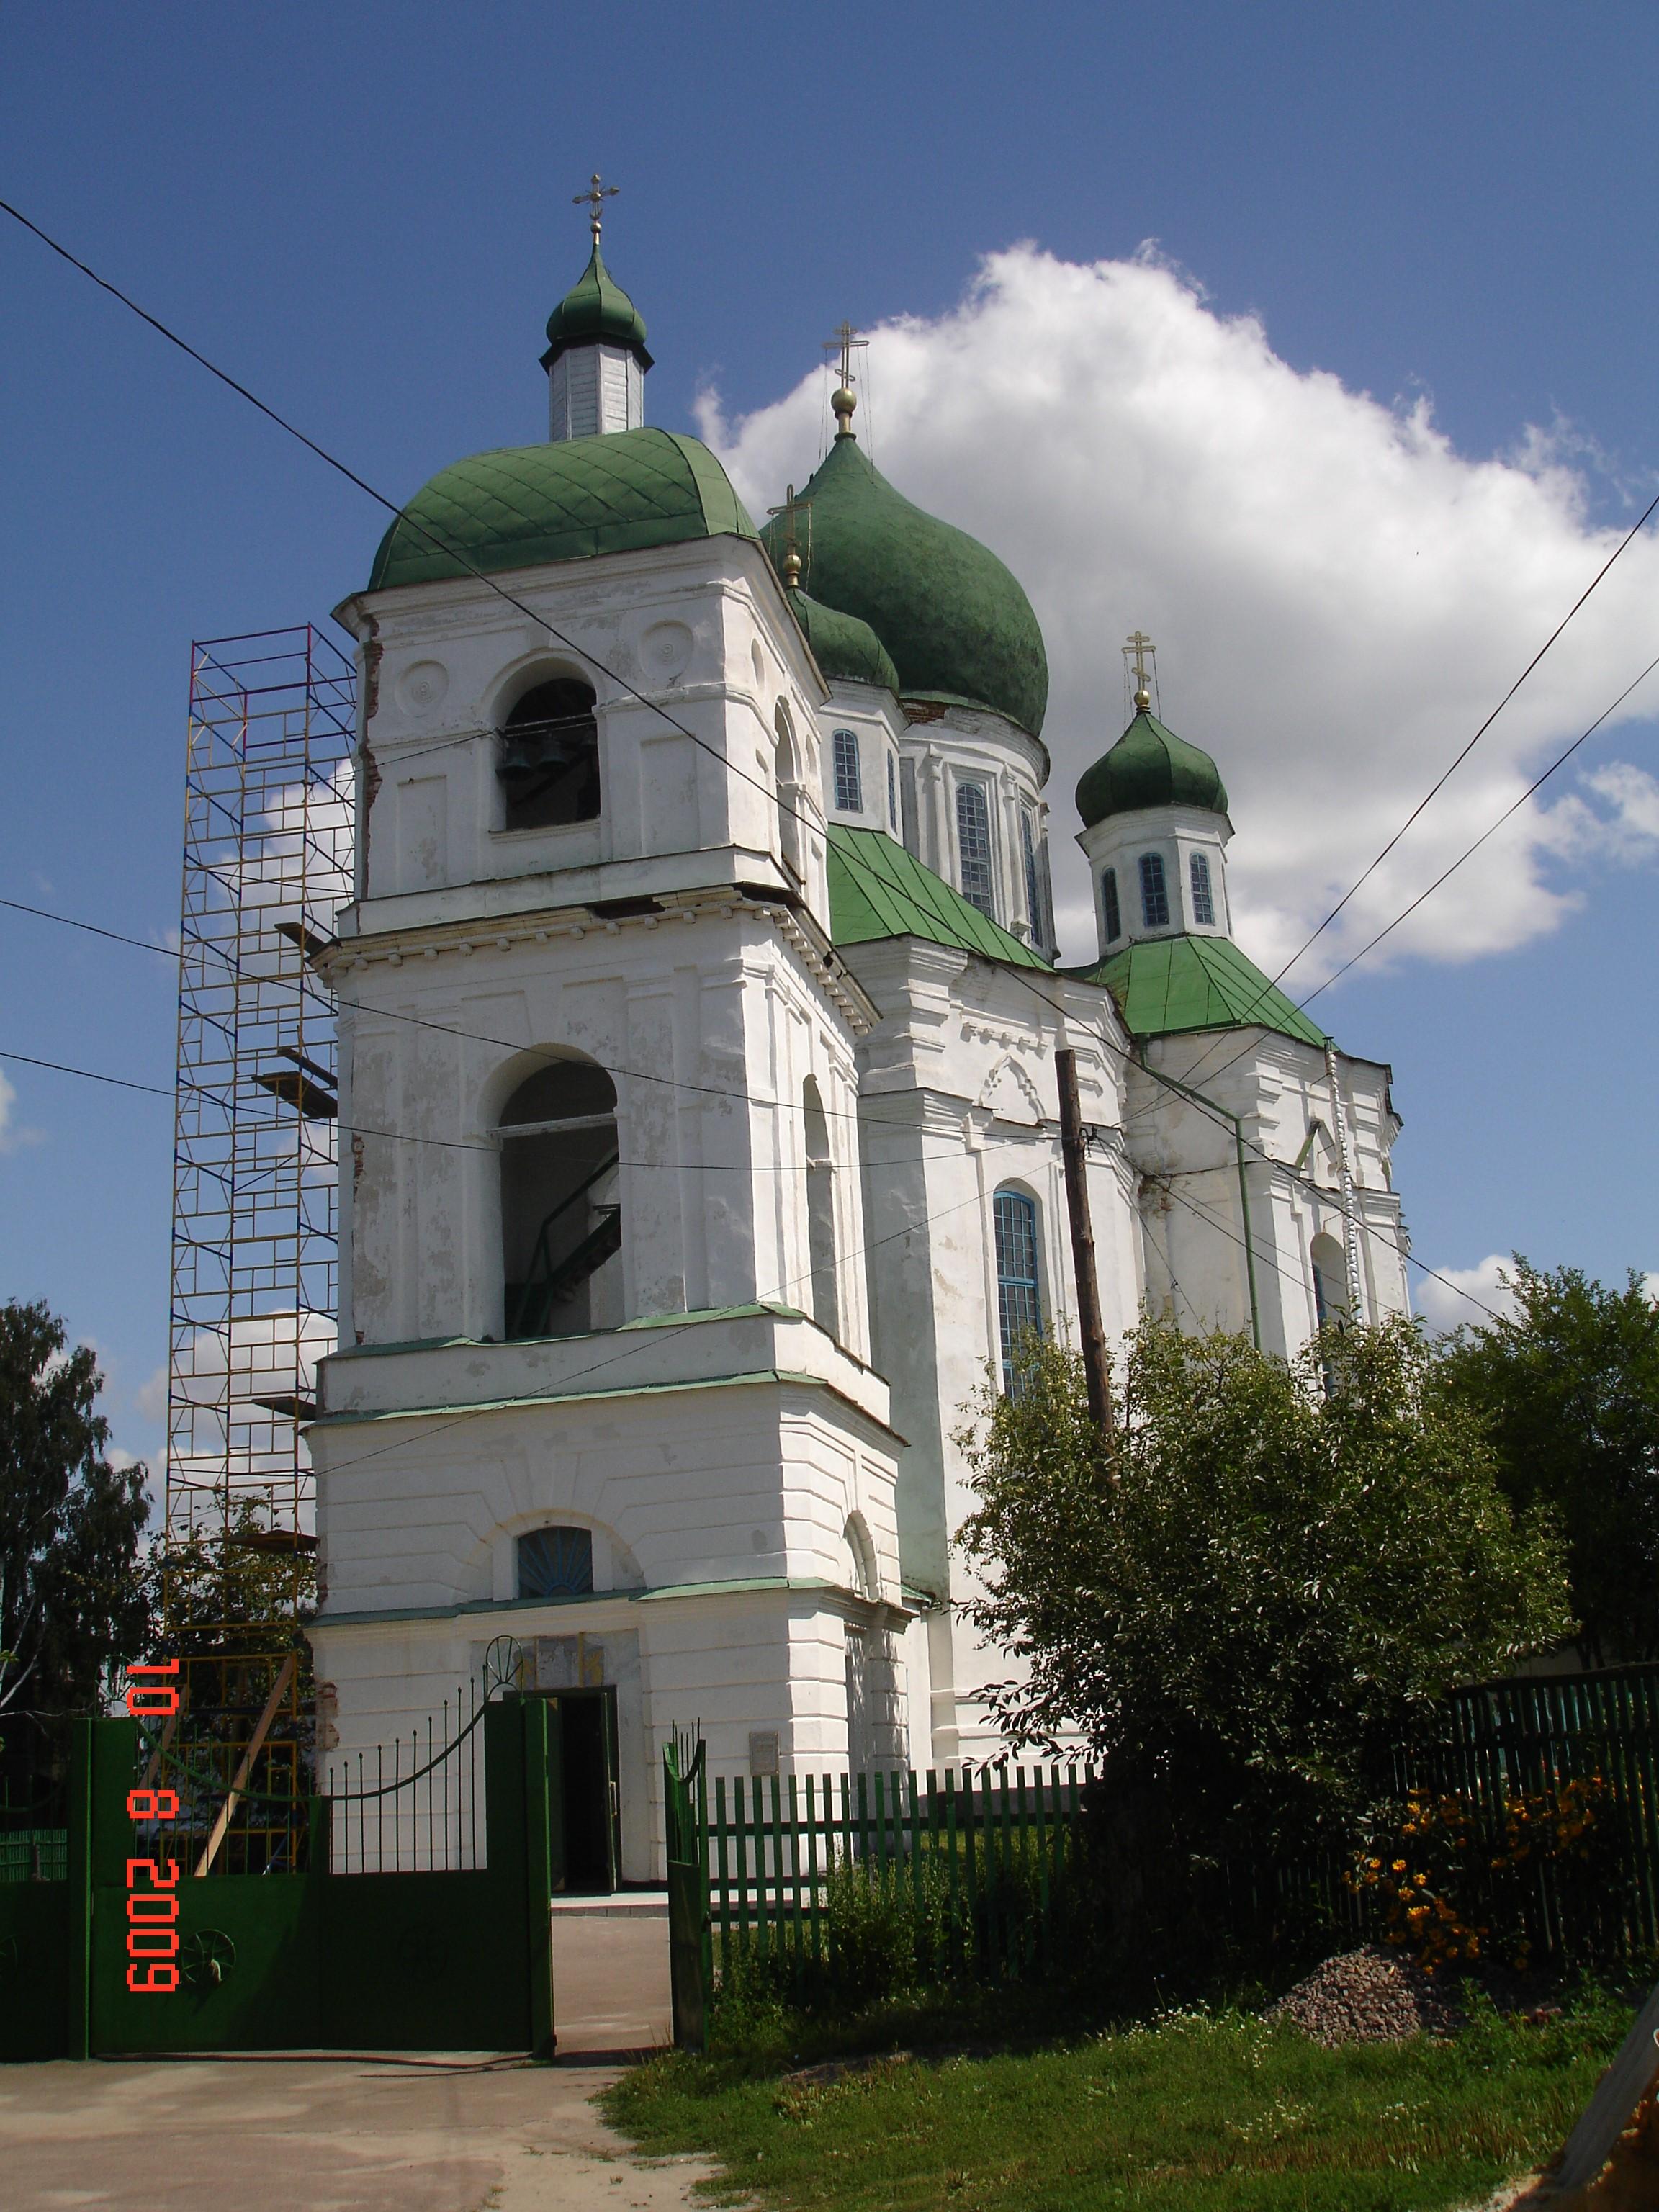 Новгород-Сіверський. Свято-Успенський собор (1671—1715) із дзвіницею. Фото — Тетяна Чернецька (2009).